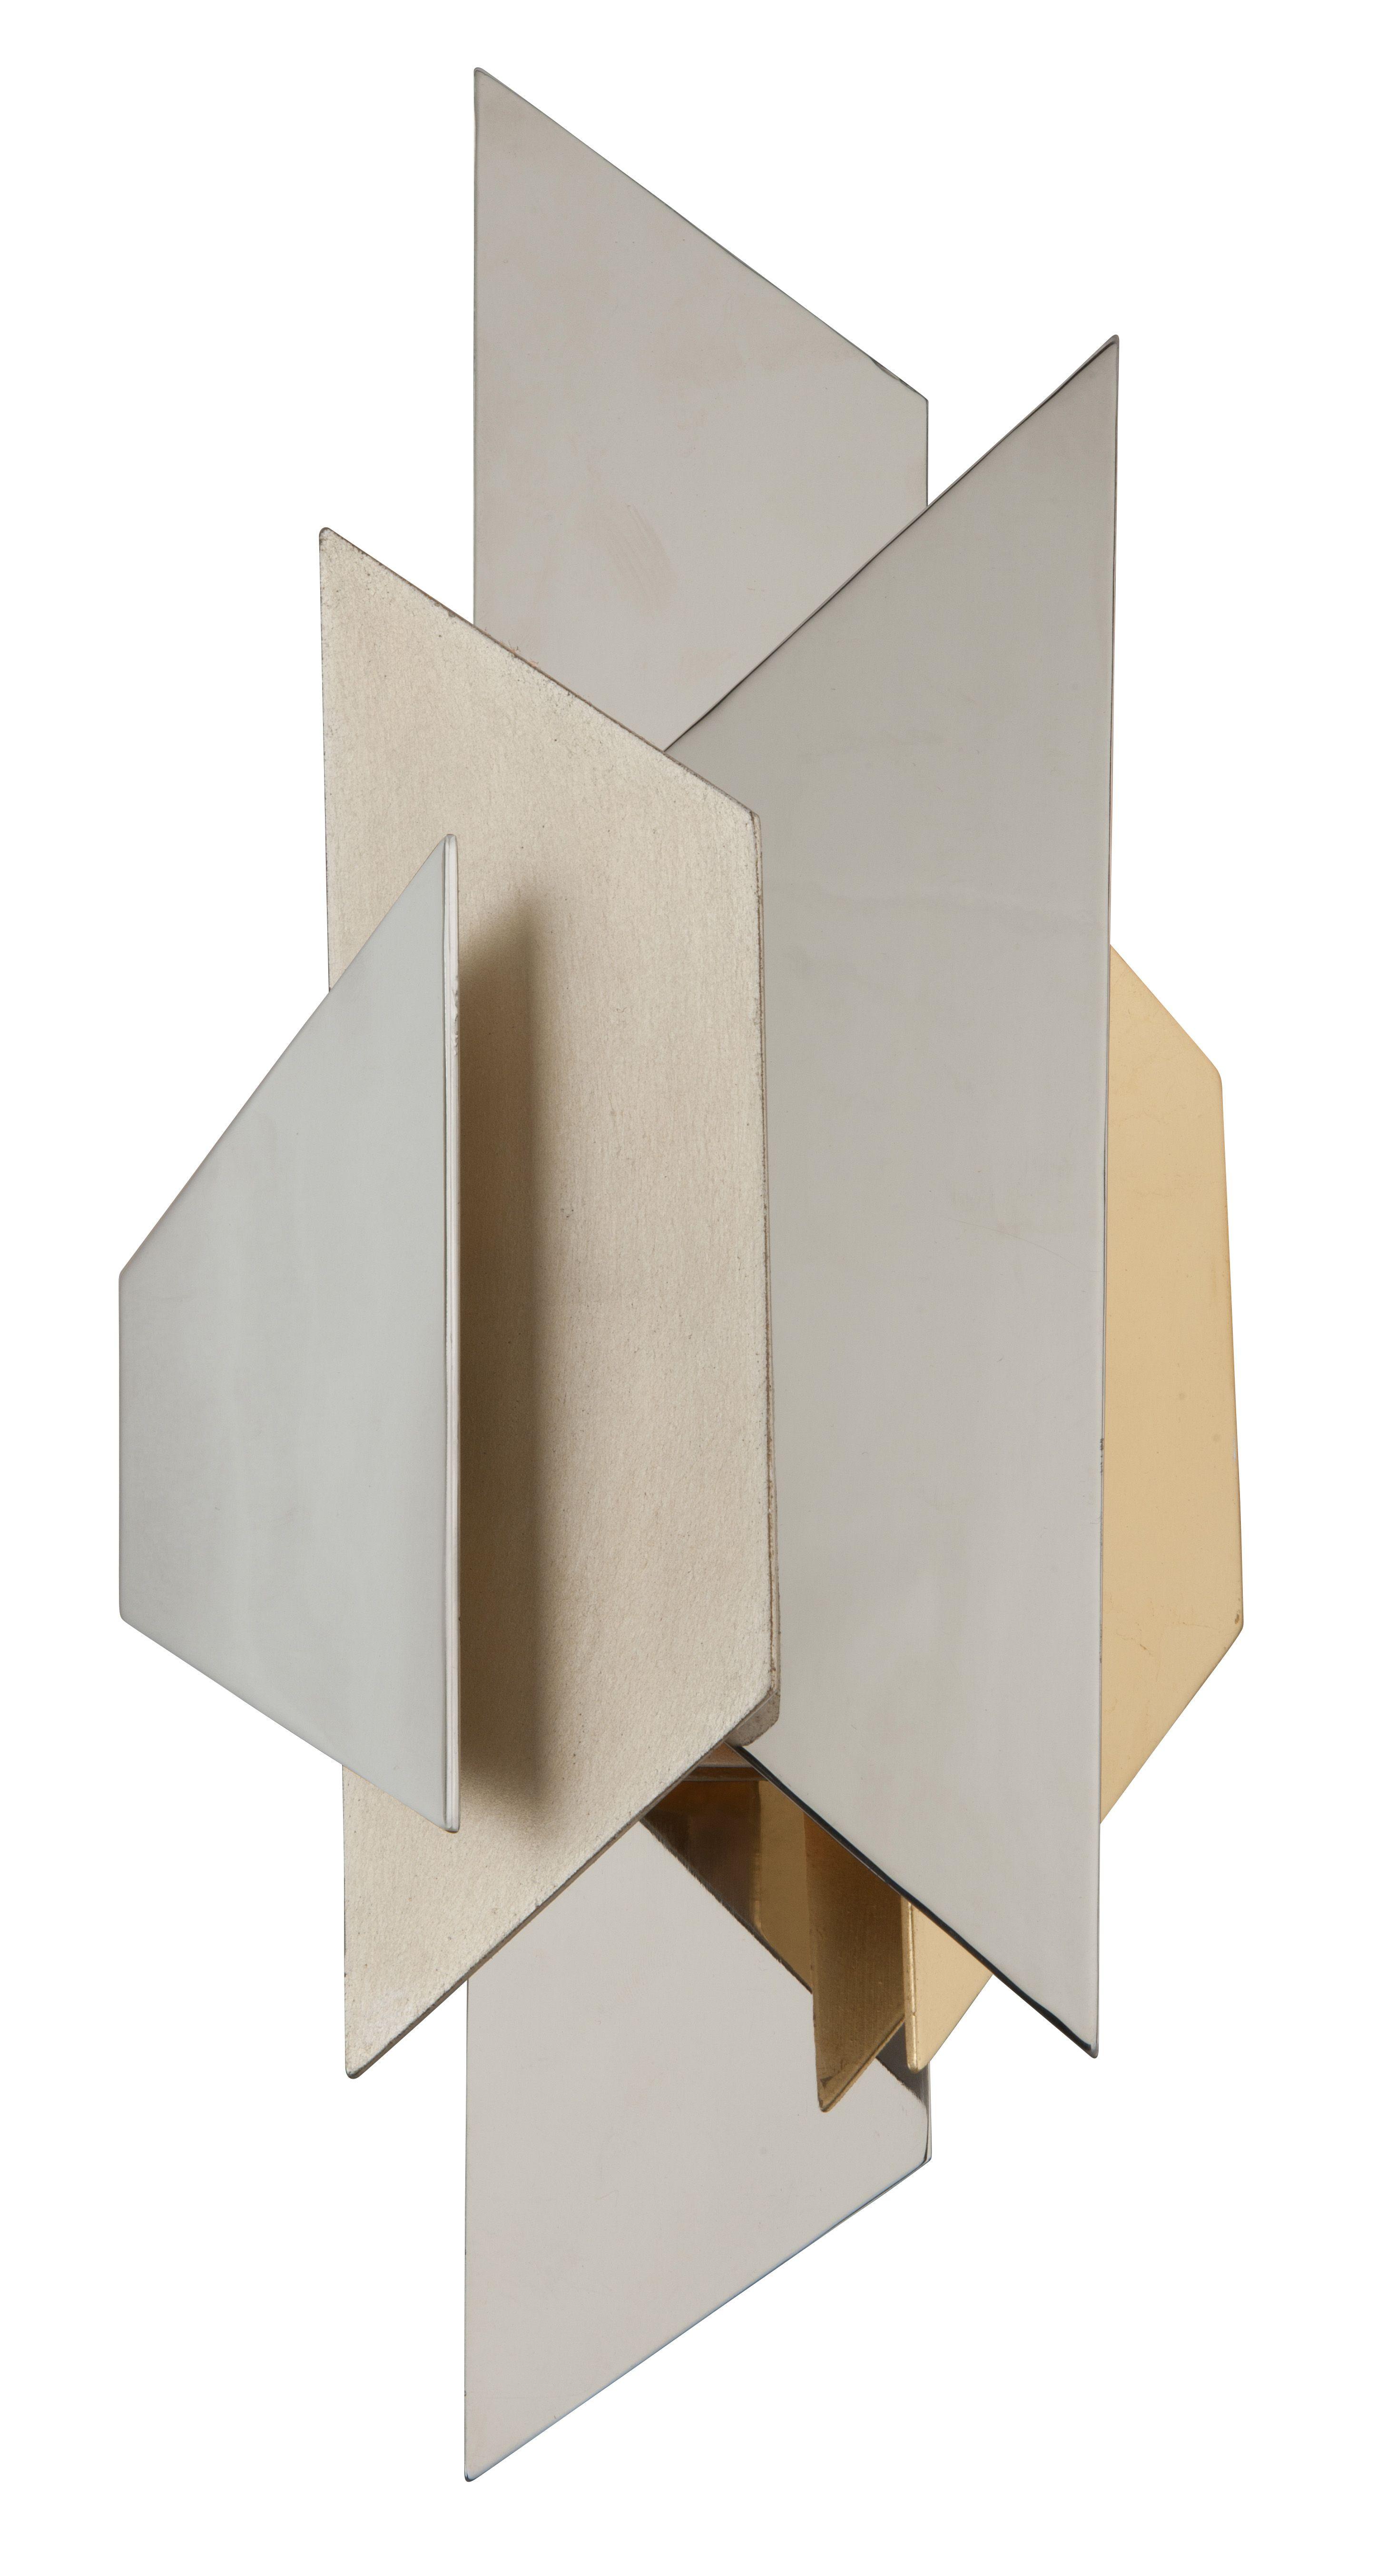 avant garde lighting. Modernist | Corbett Lighting Serves As Both An Avant-garde Art Piece And Avant Garde